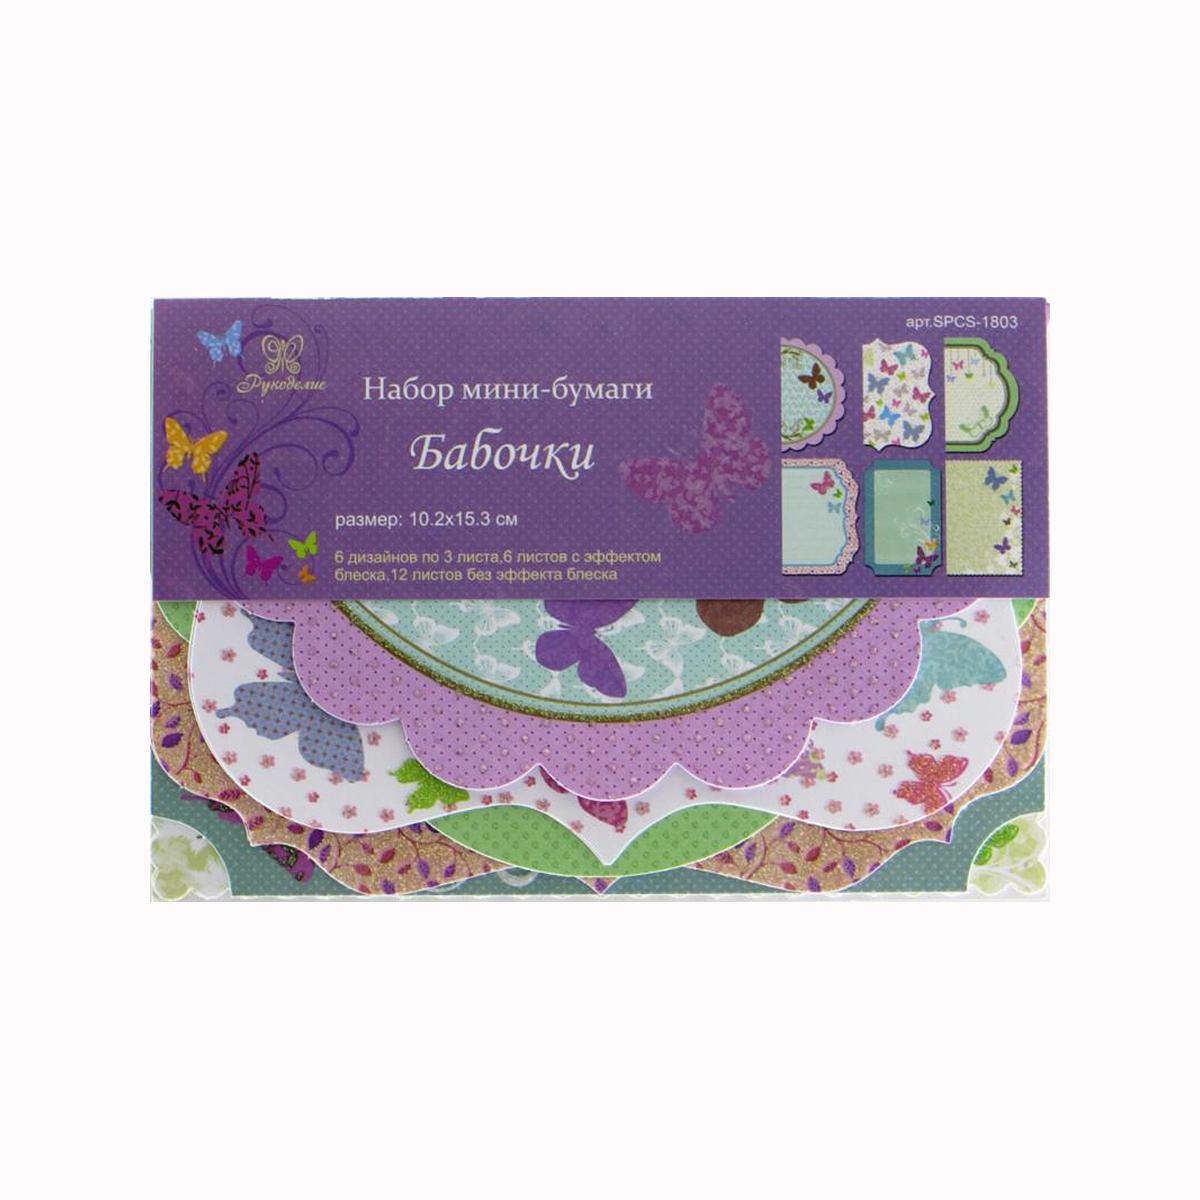 Набор мини-бумаги Рукоделие Бабочки, 10,2 х 15,3 см. 485776485776